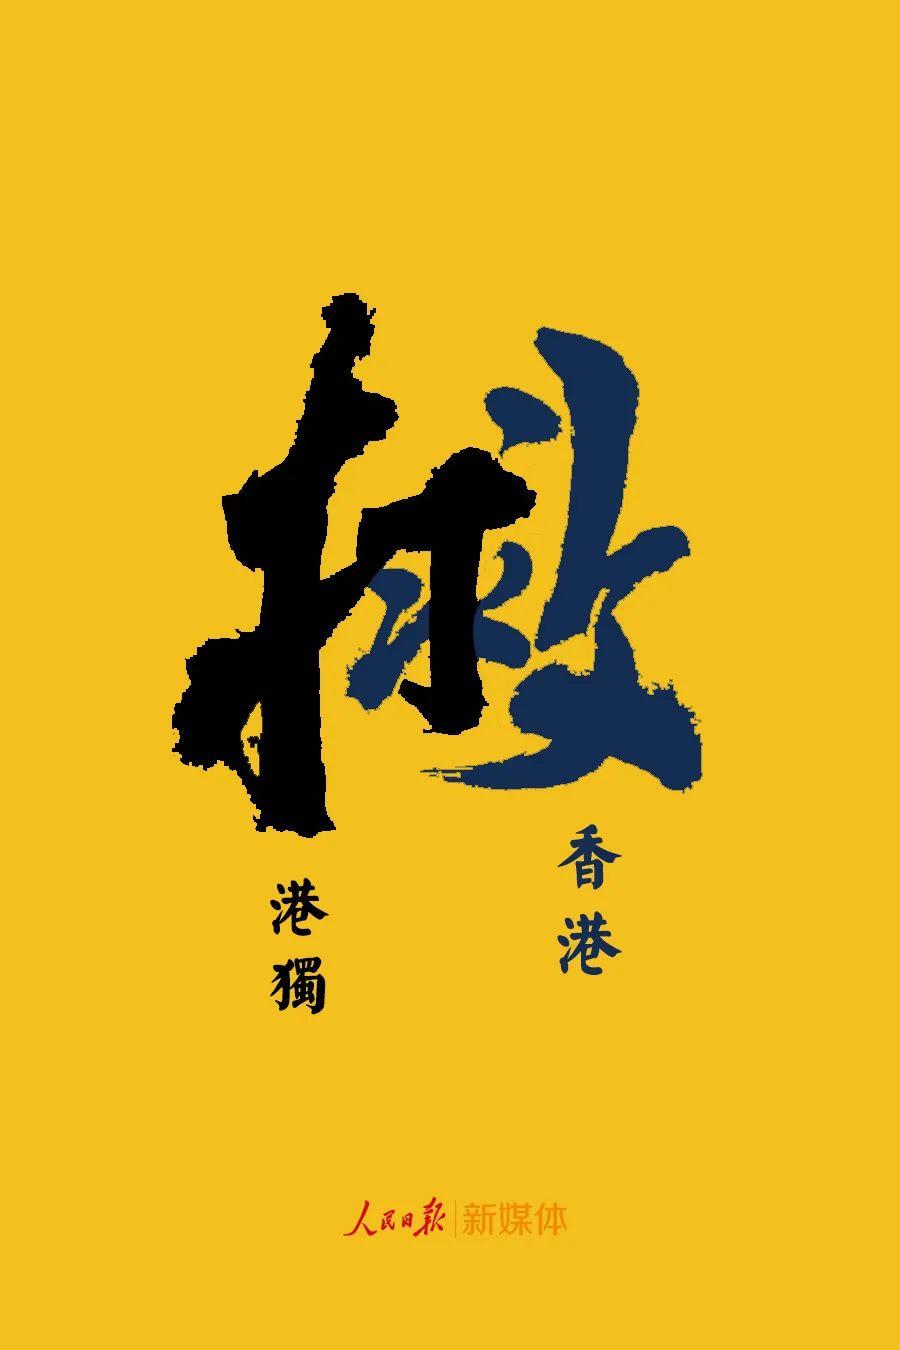 天富暴裹着港独泥沙冲击香港国天富安立法刻不容缓图片